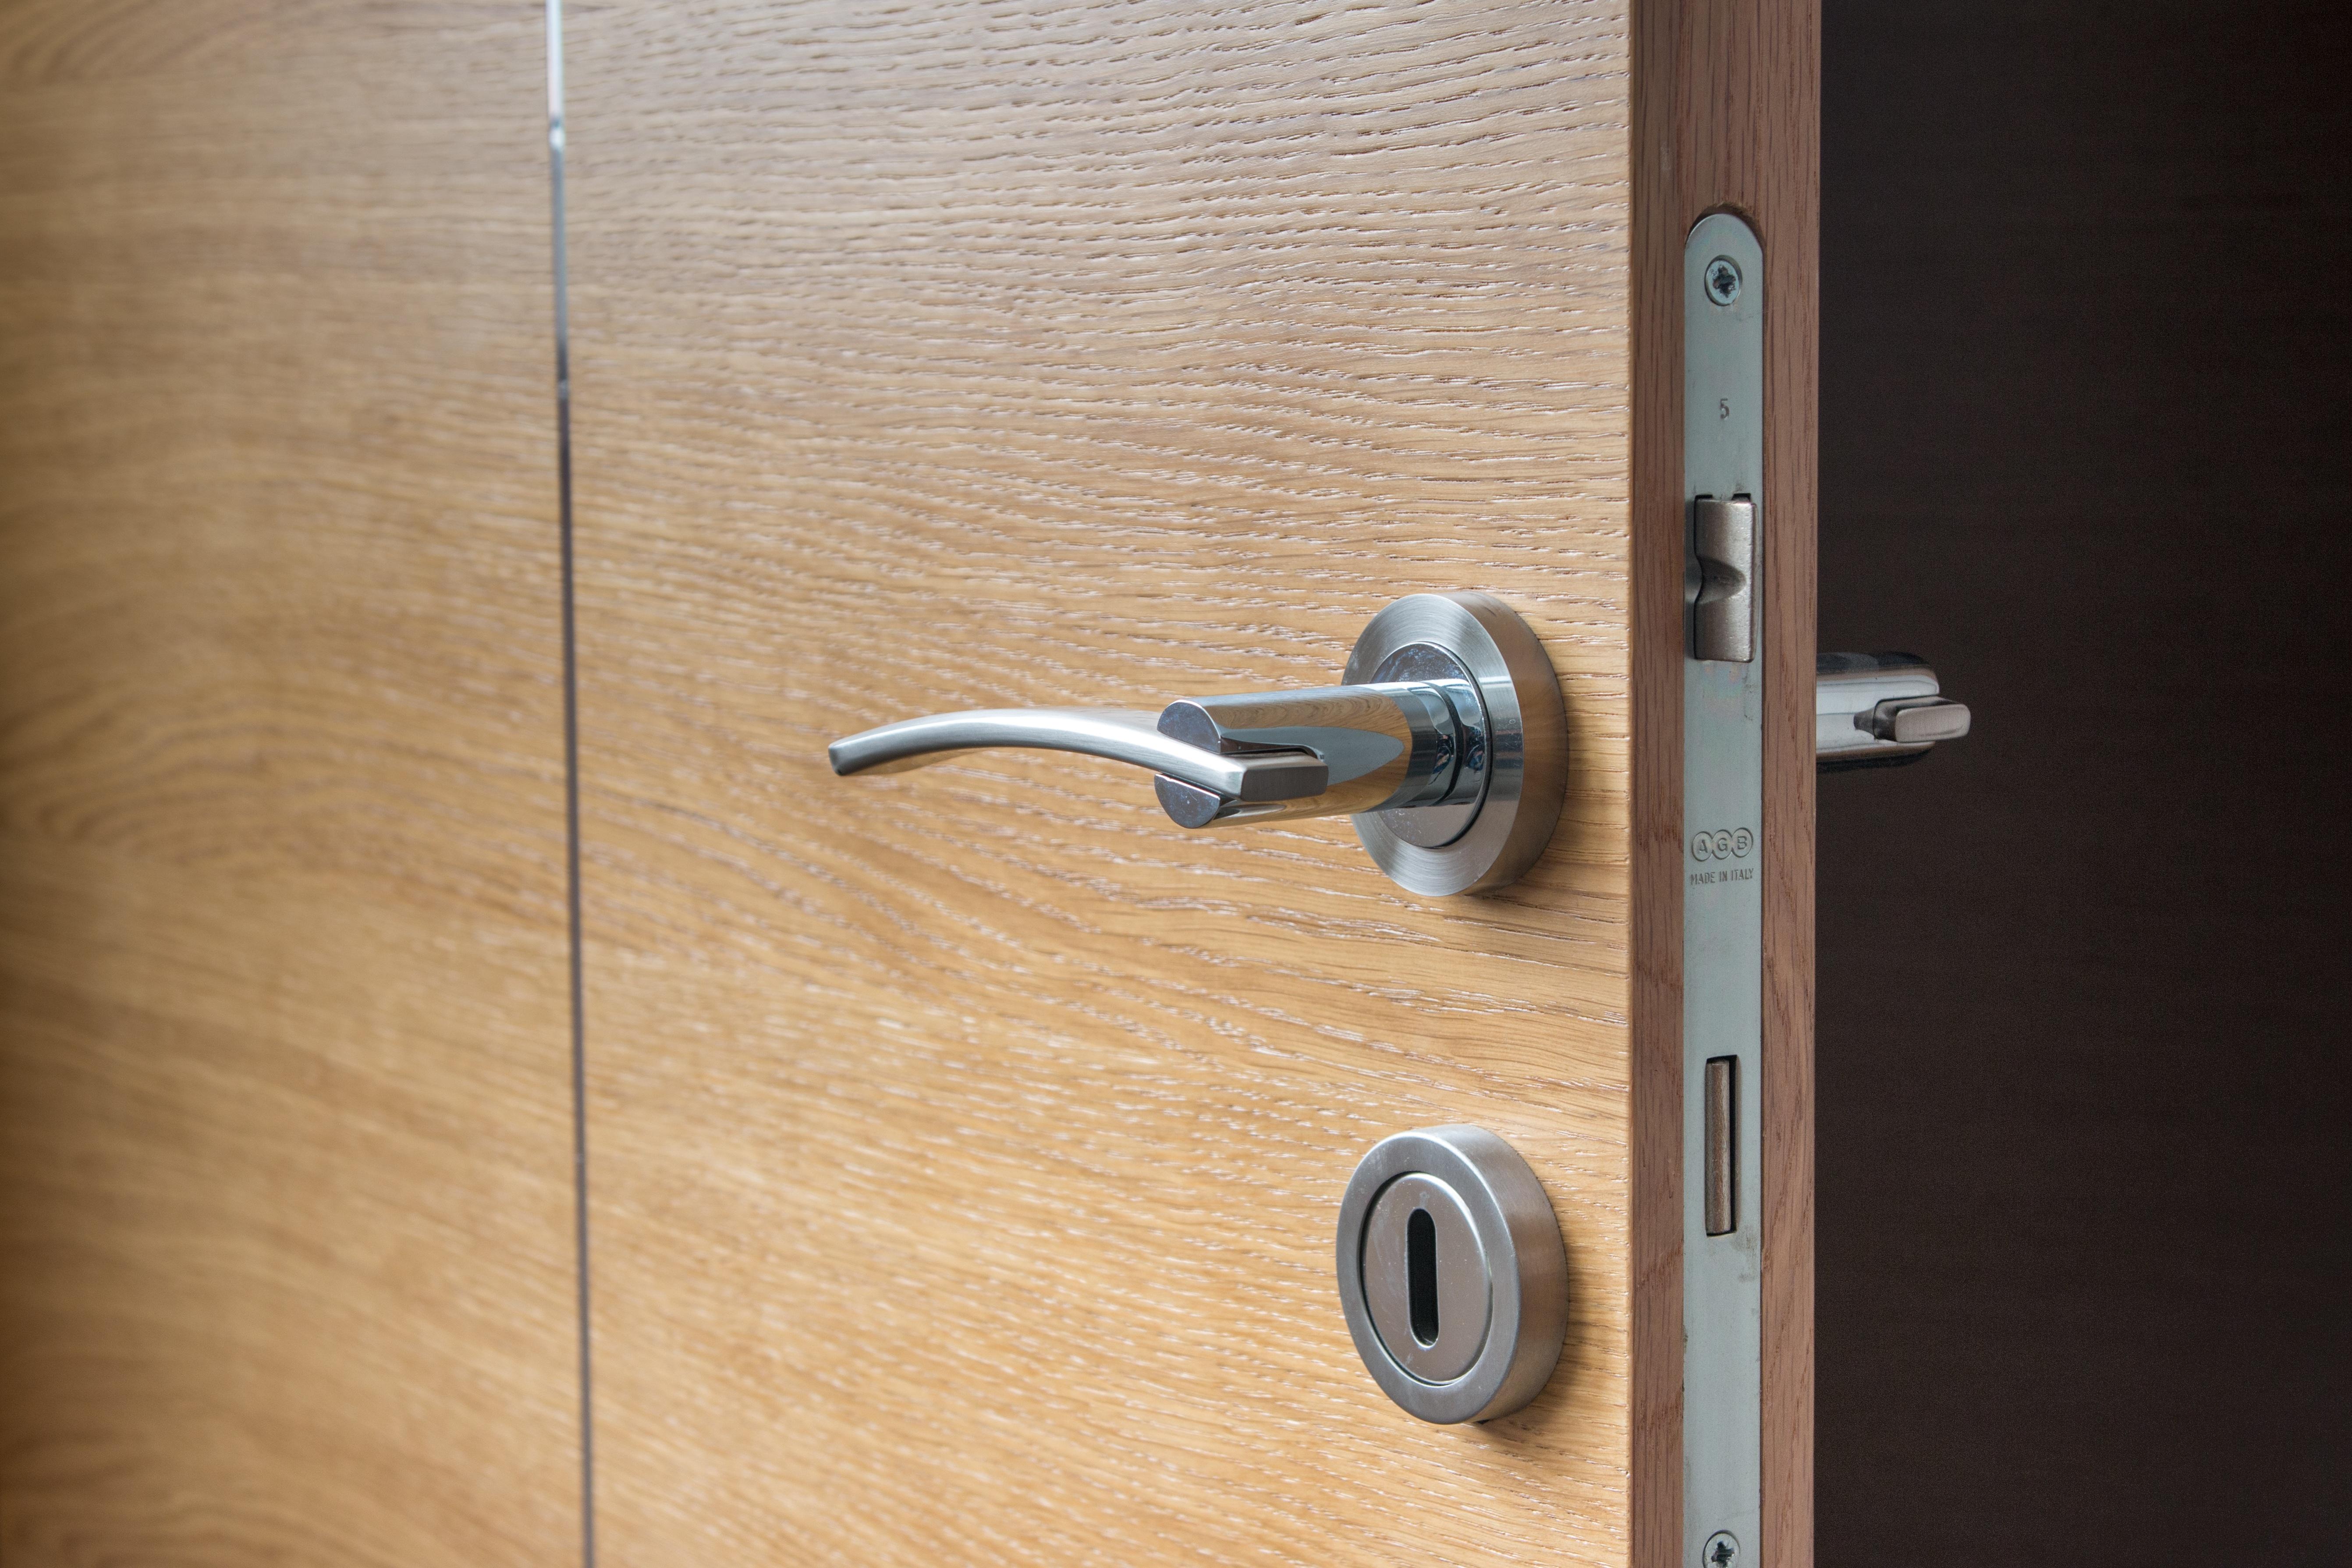 Office door handles Modern Open Architecture Structure Wood Floor Interior Entrance Macro Metal Office Residential Room Door Doorway Handle The Pxhere Free Images Open Architecture Structure Wood Floor Interior